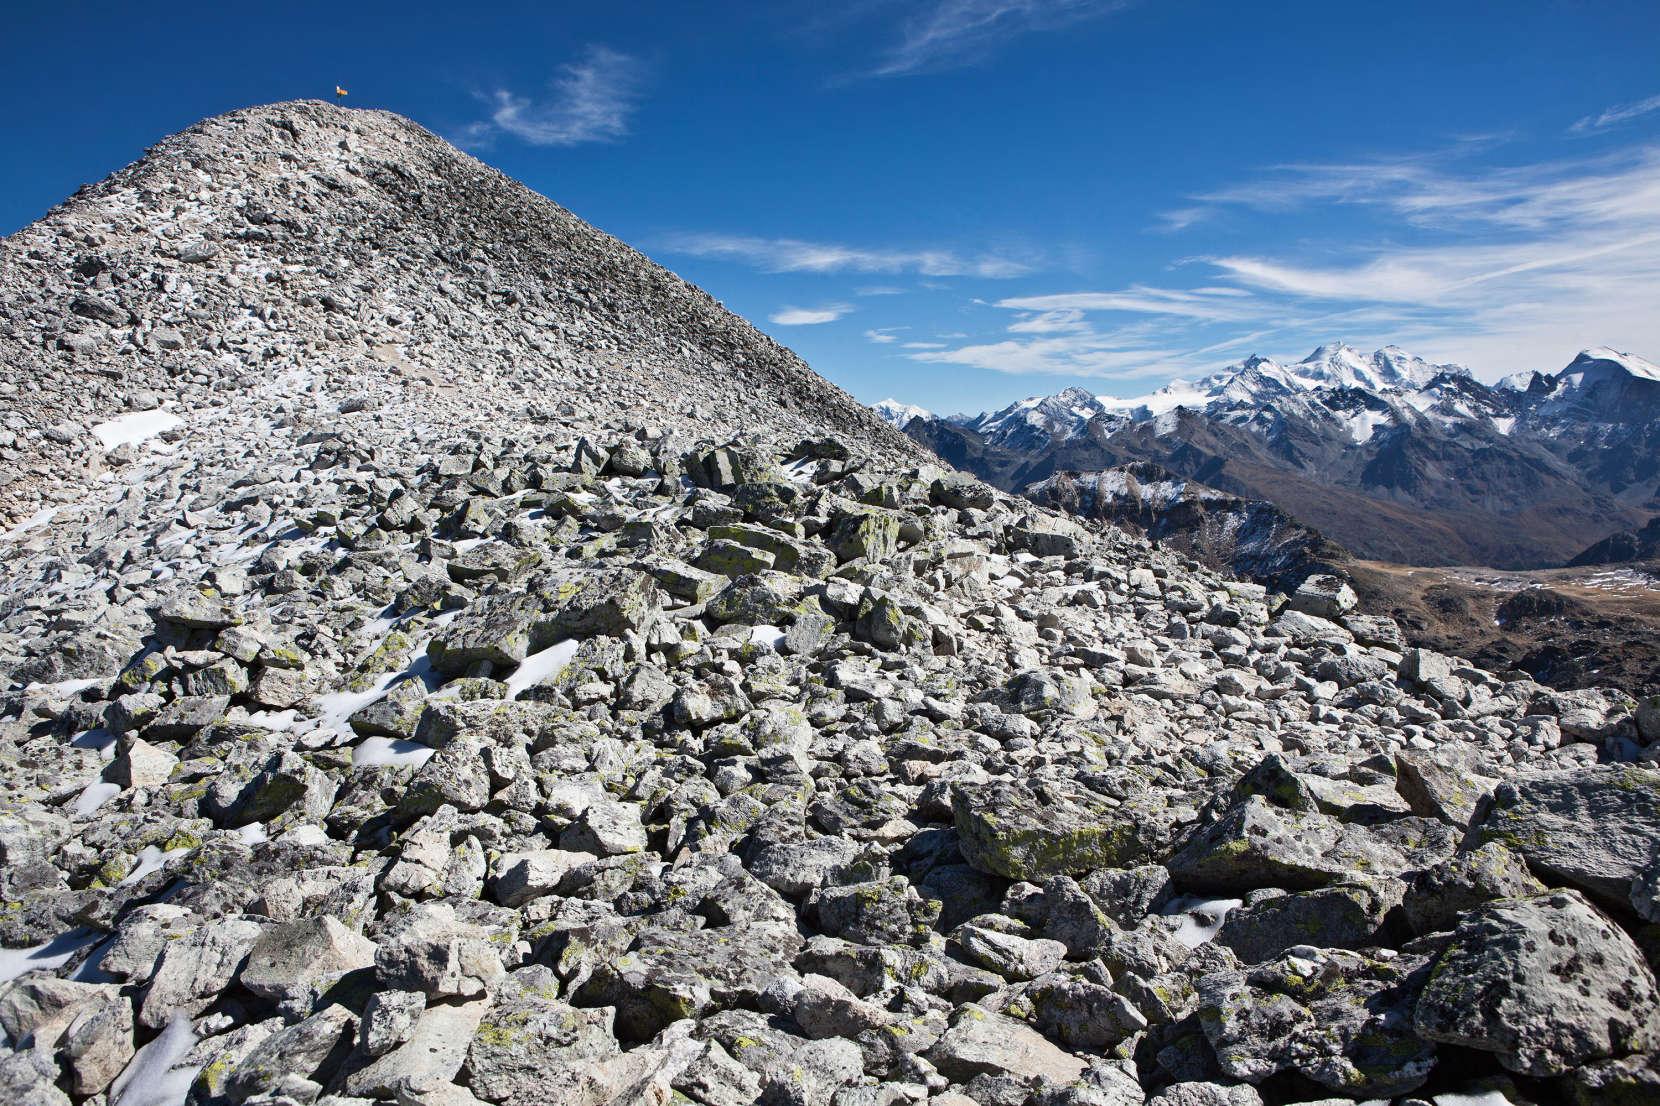 Gipfel der Bella Tola (3025 m), rechts Weissmies, Schilthorn, Nadelhorn, Dom, Täschhorn, Alphubel, Strahlhorn, Äusseres Barrhorn,